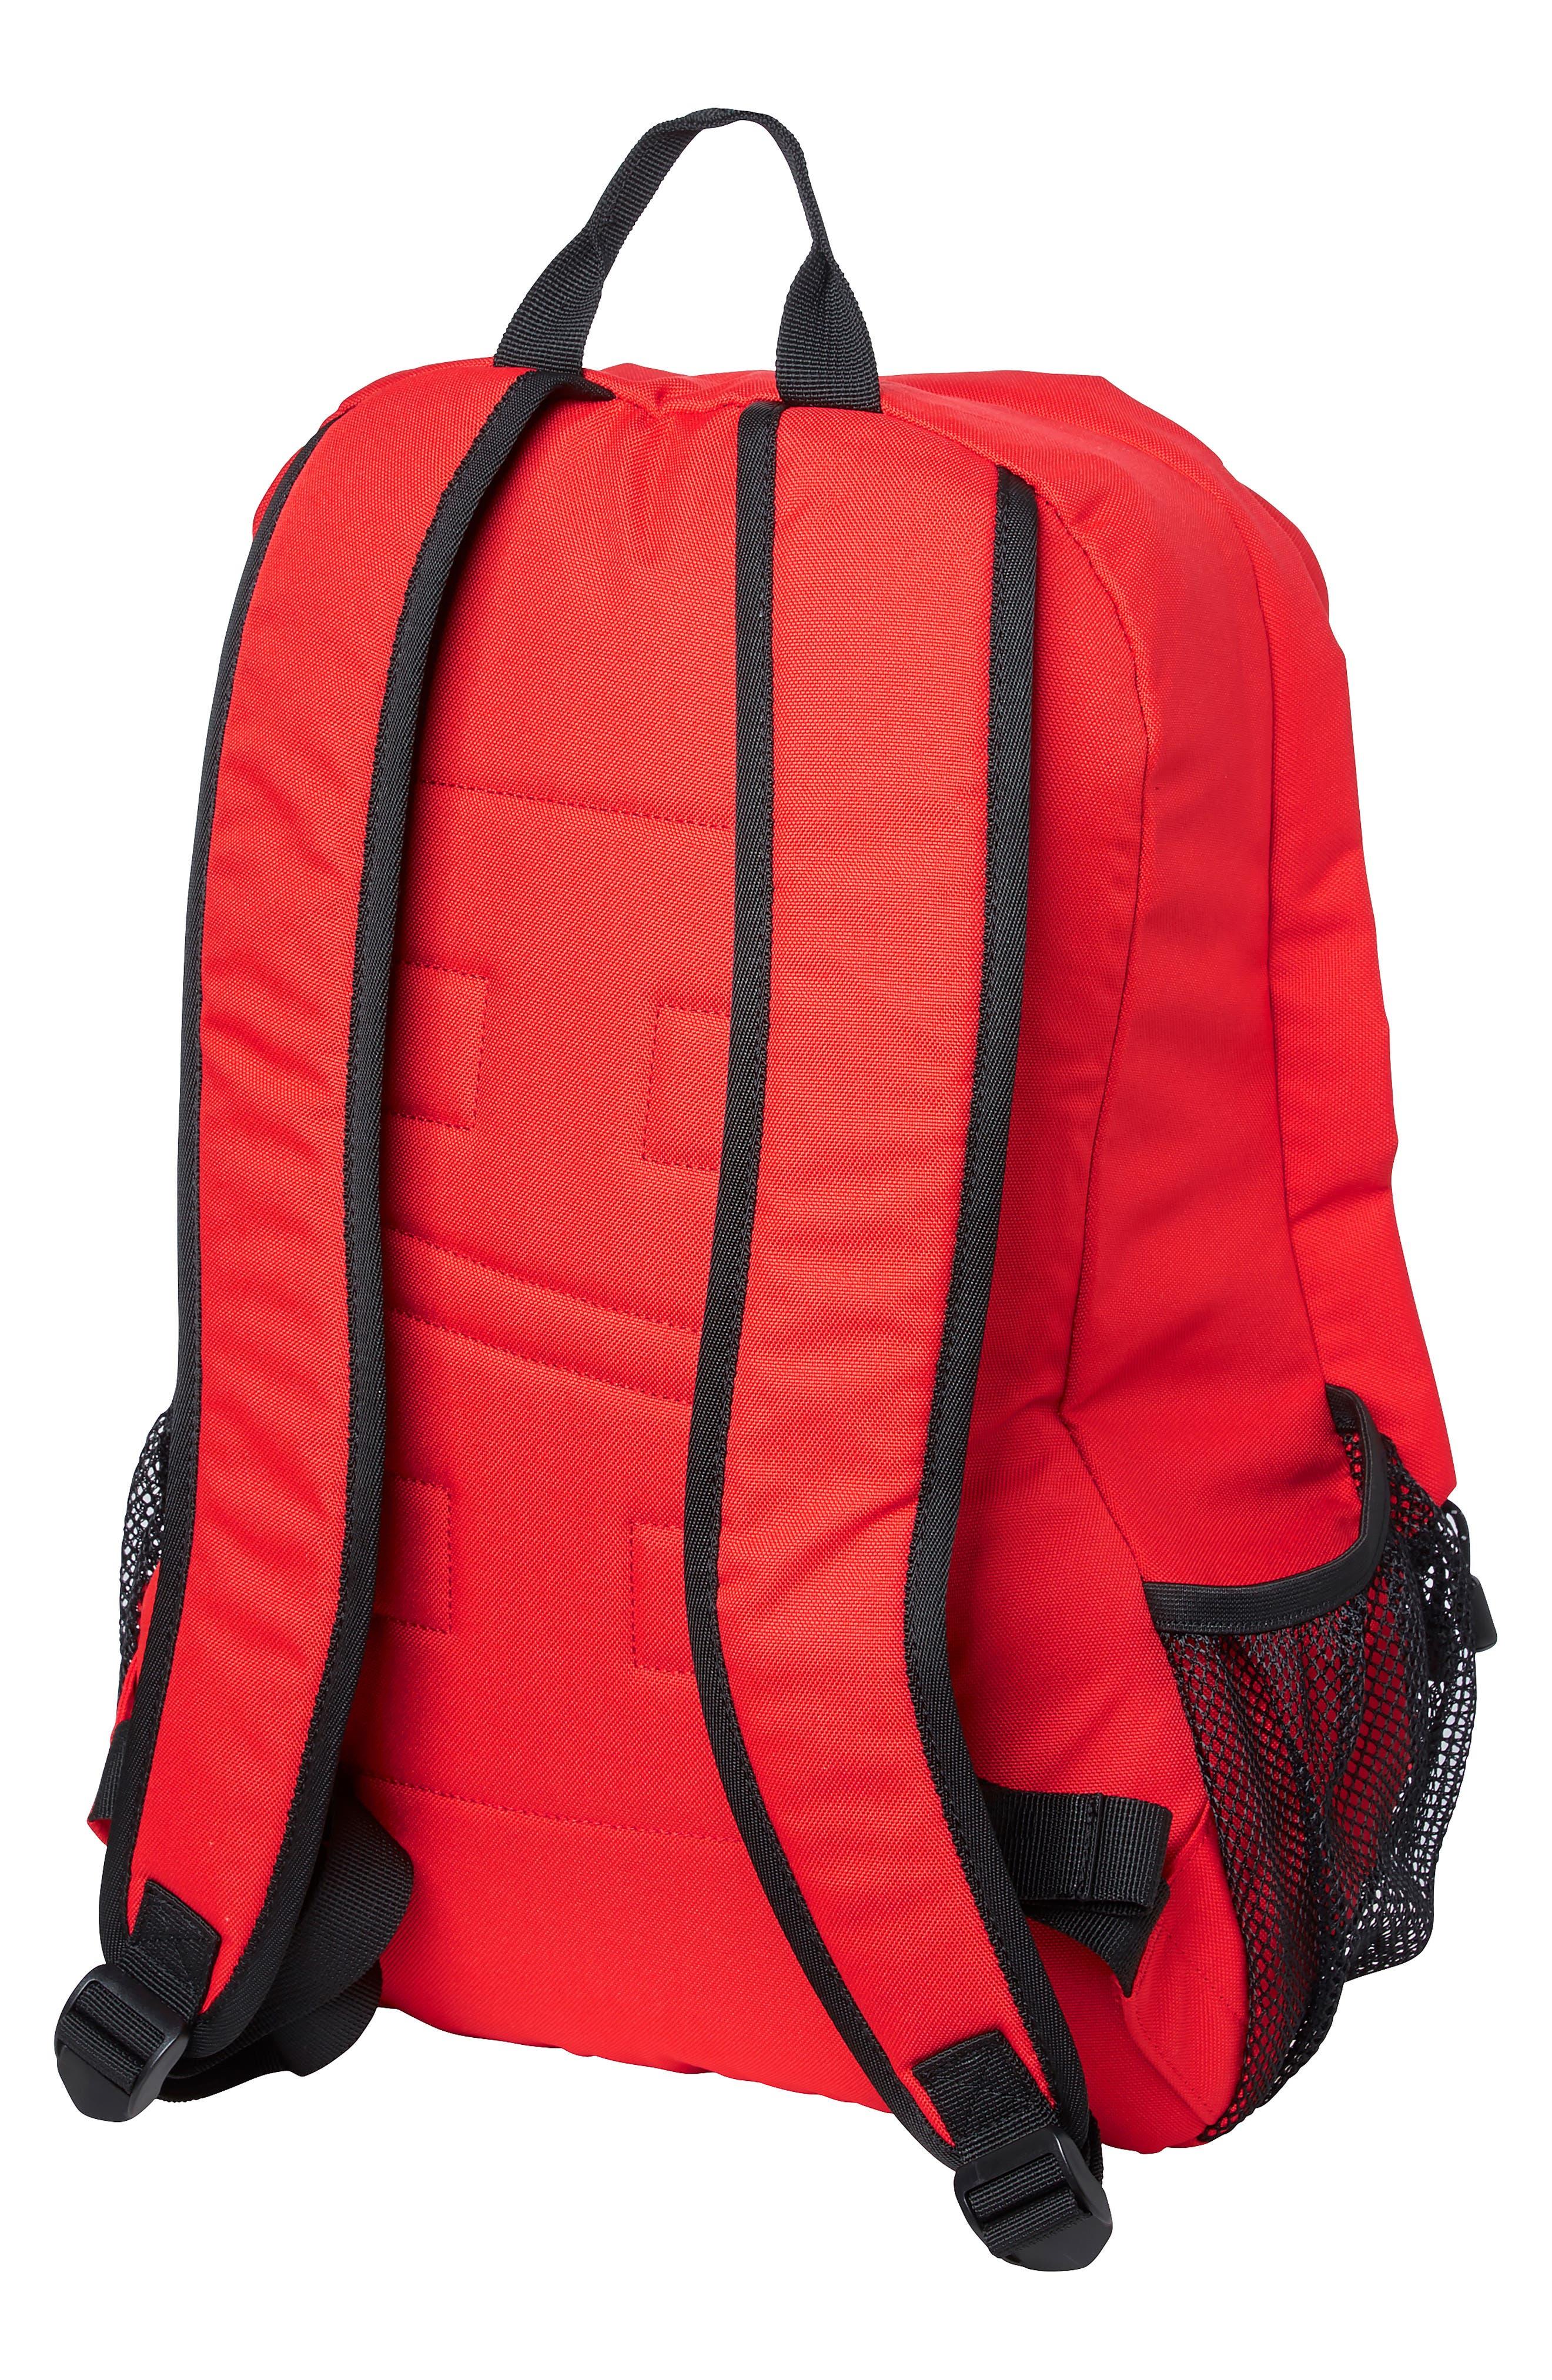 HELLY HANSEN, Dublin Backpack, Alternate thumbnail 2, color, ALERT RED